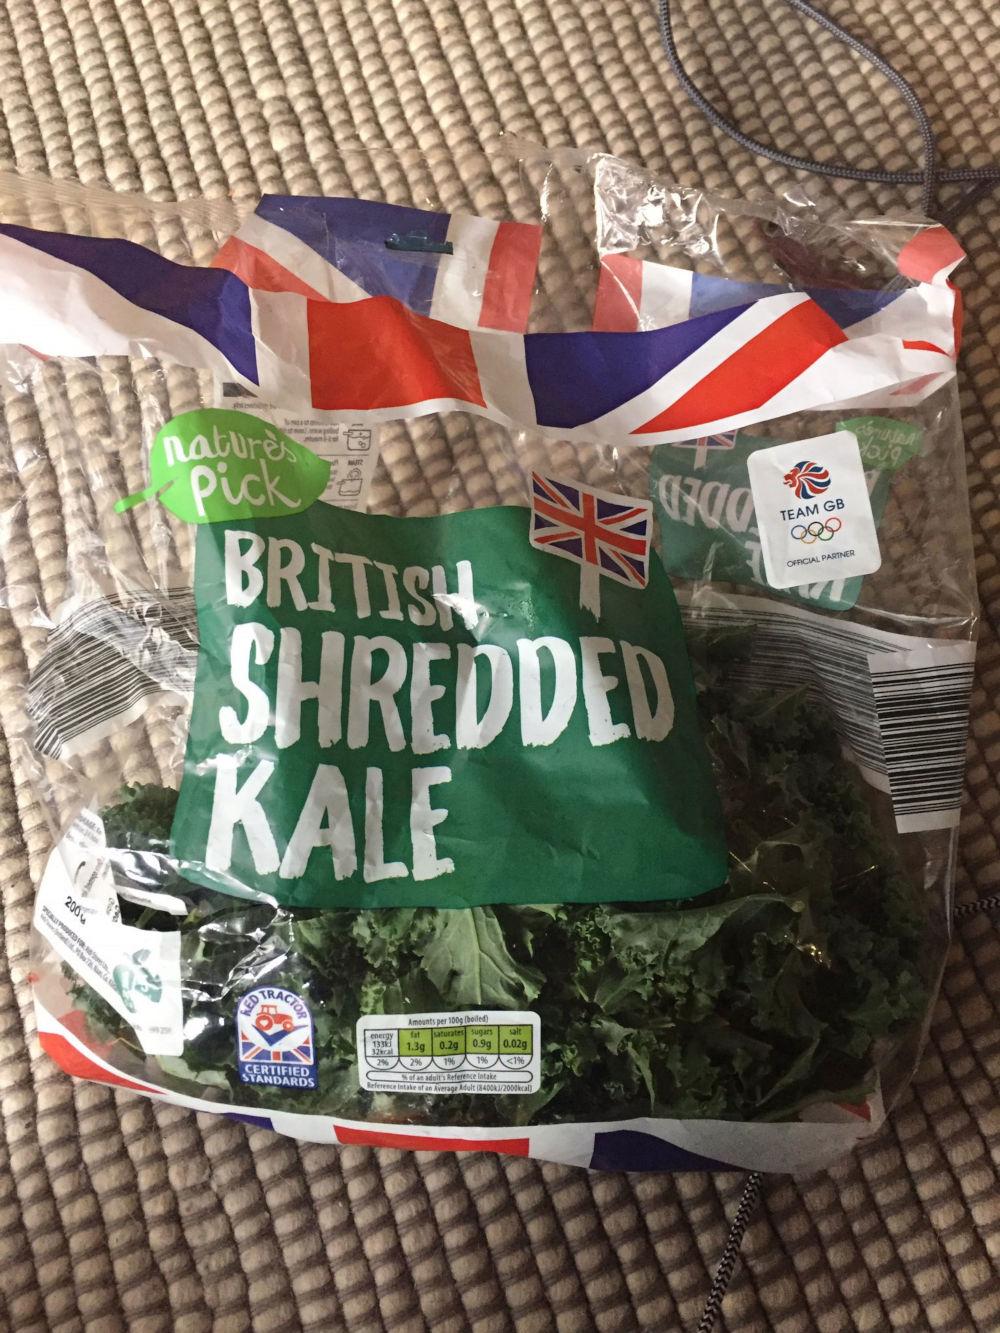 Co-op recall kale